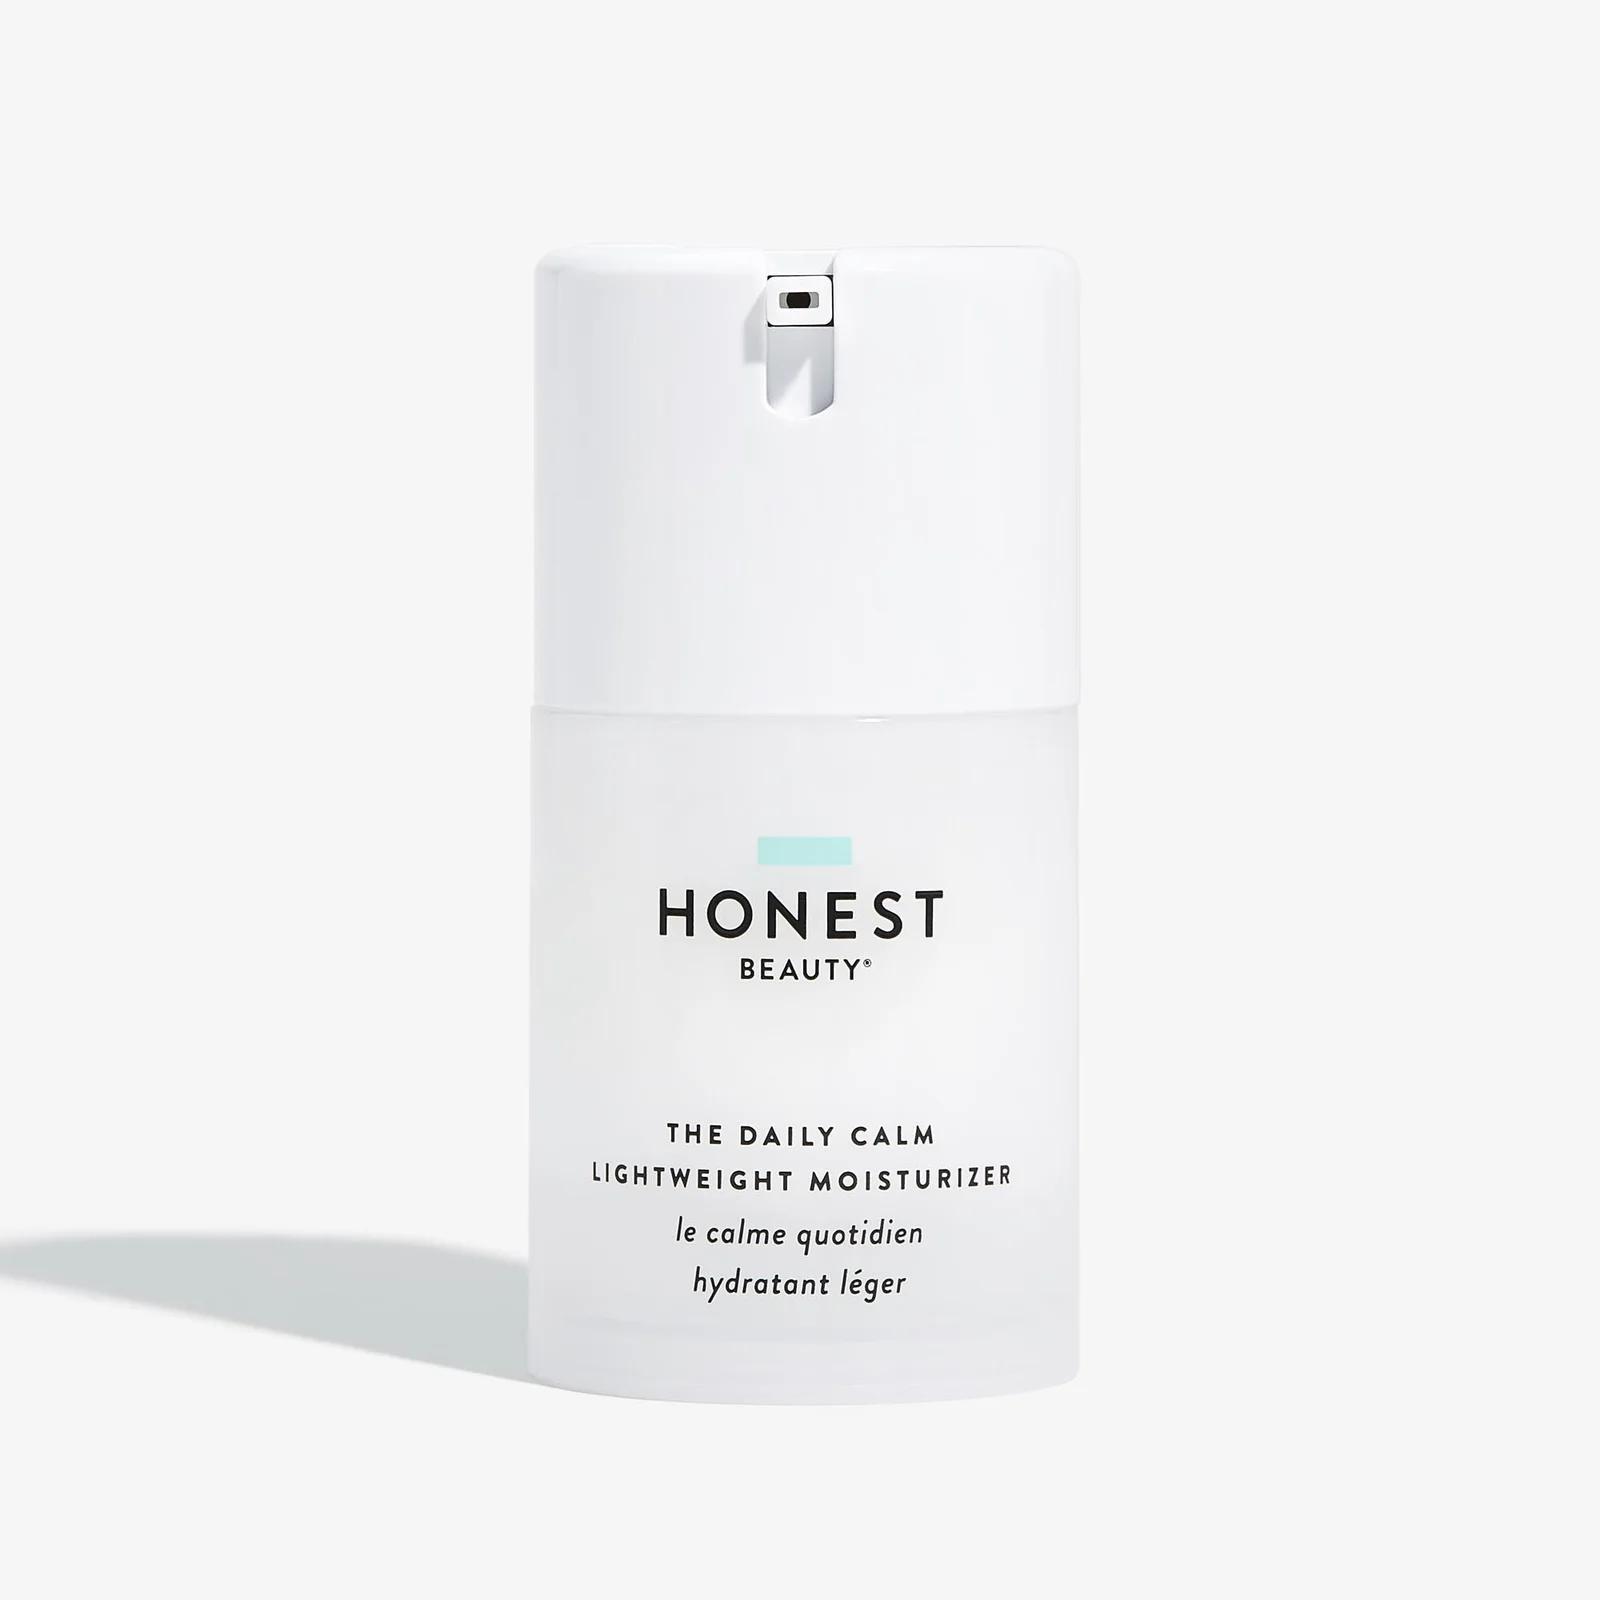 Honest Beauty The Daily Calm Lightweight Moisturizer